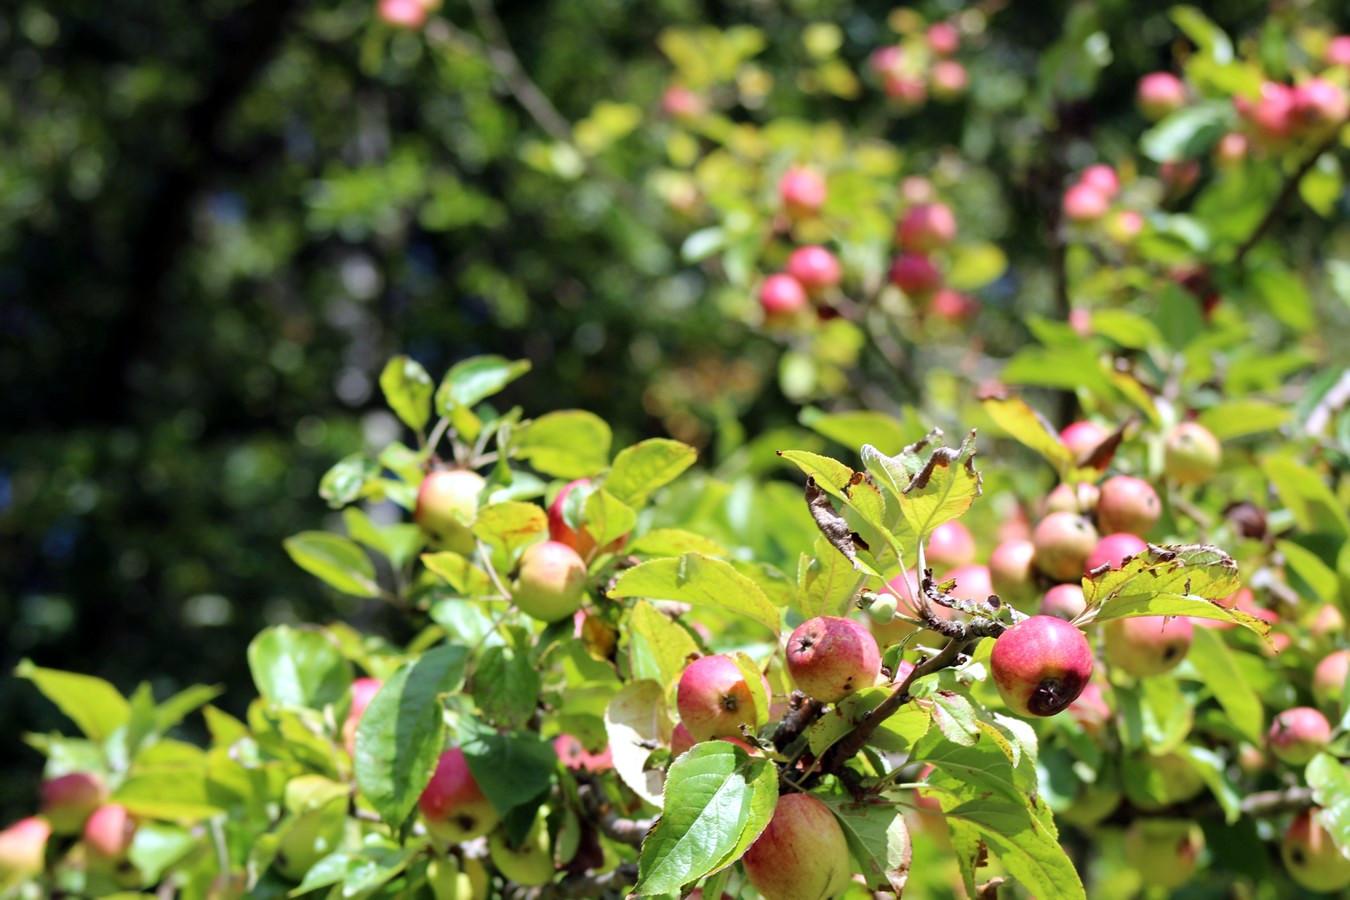 [Fil ouvert] Fruit sur l'arbre - Page 9 867879014Copier